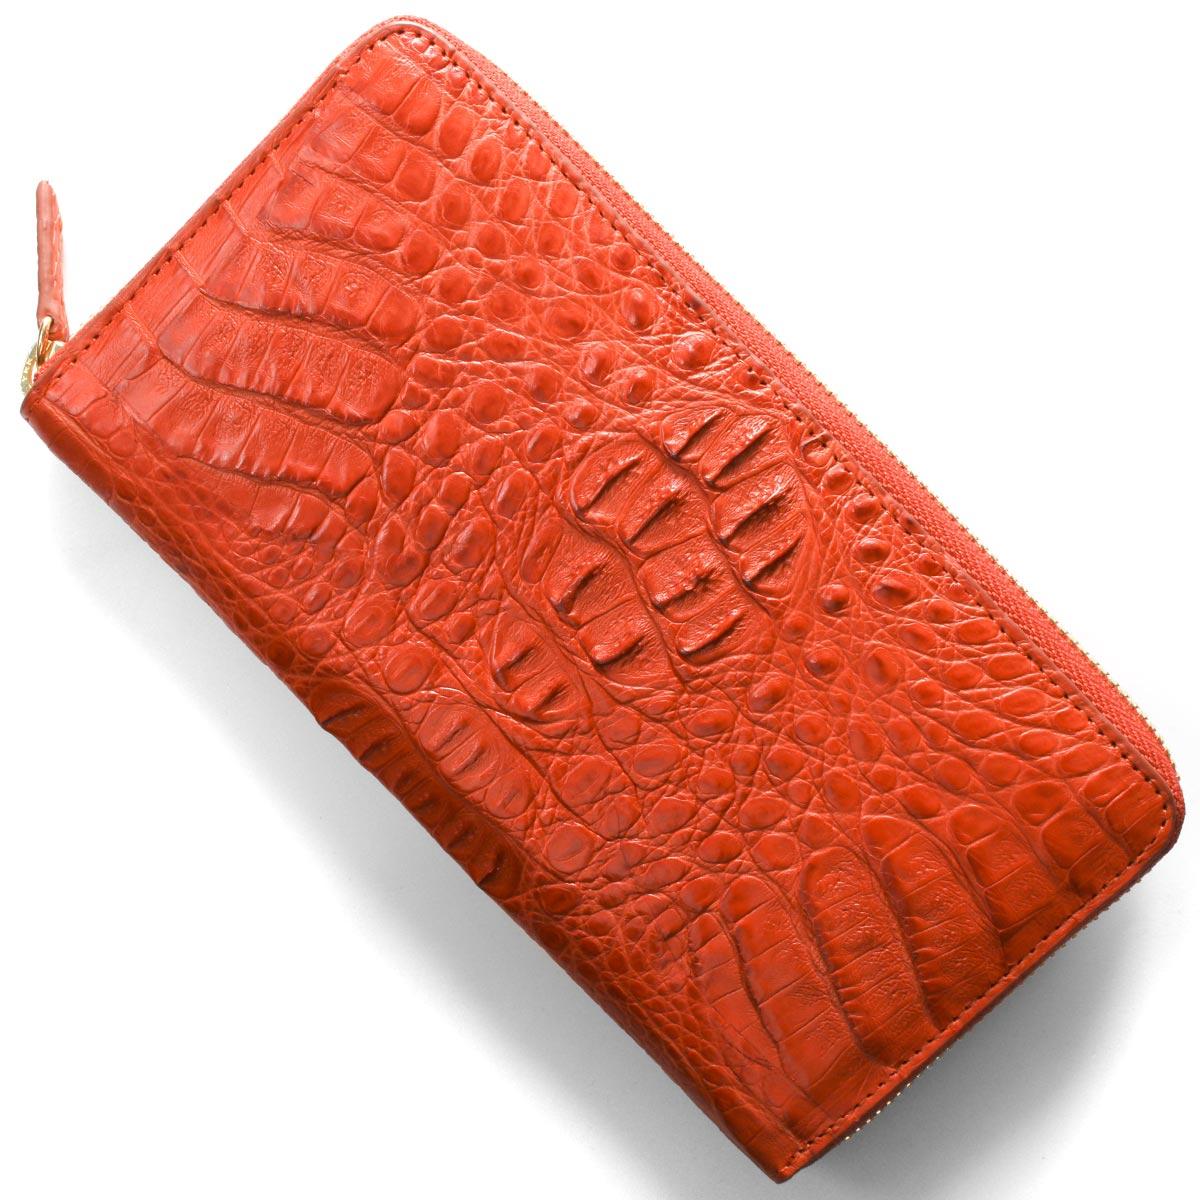 本革 長財布 財布 メンズ レディース カイマンワニ オレンジマット CJN0477A ORMT Leather